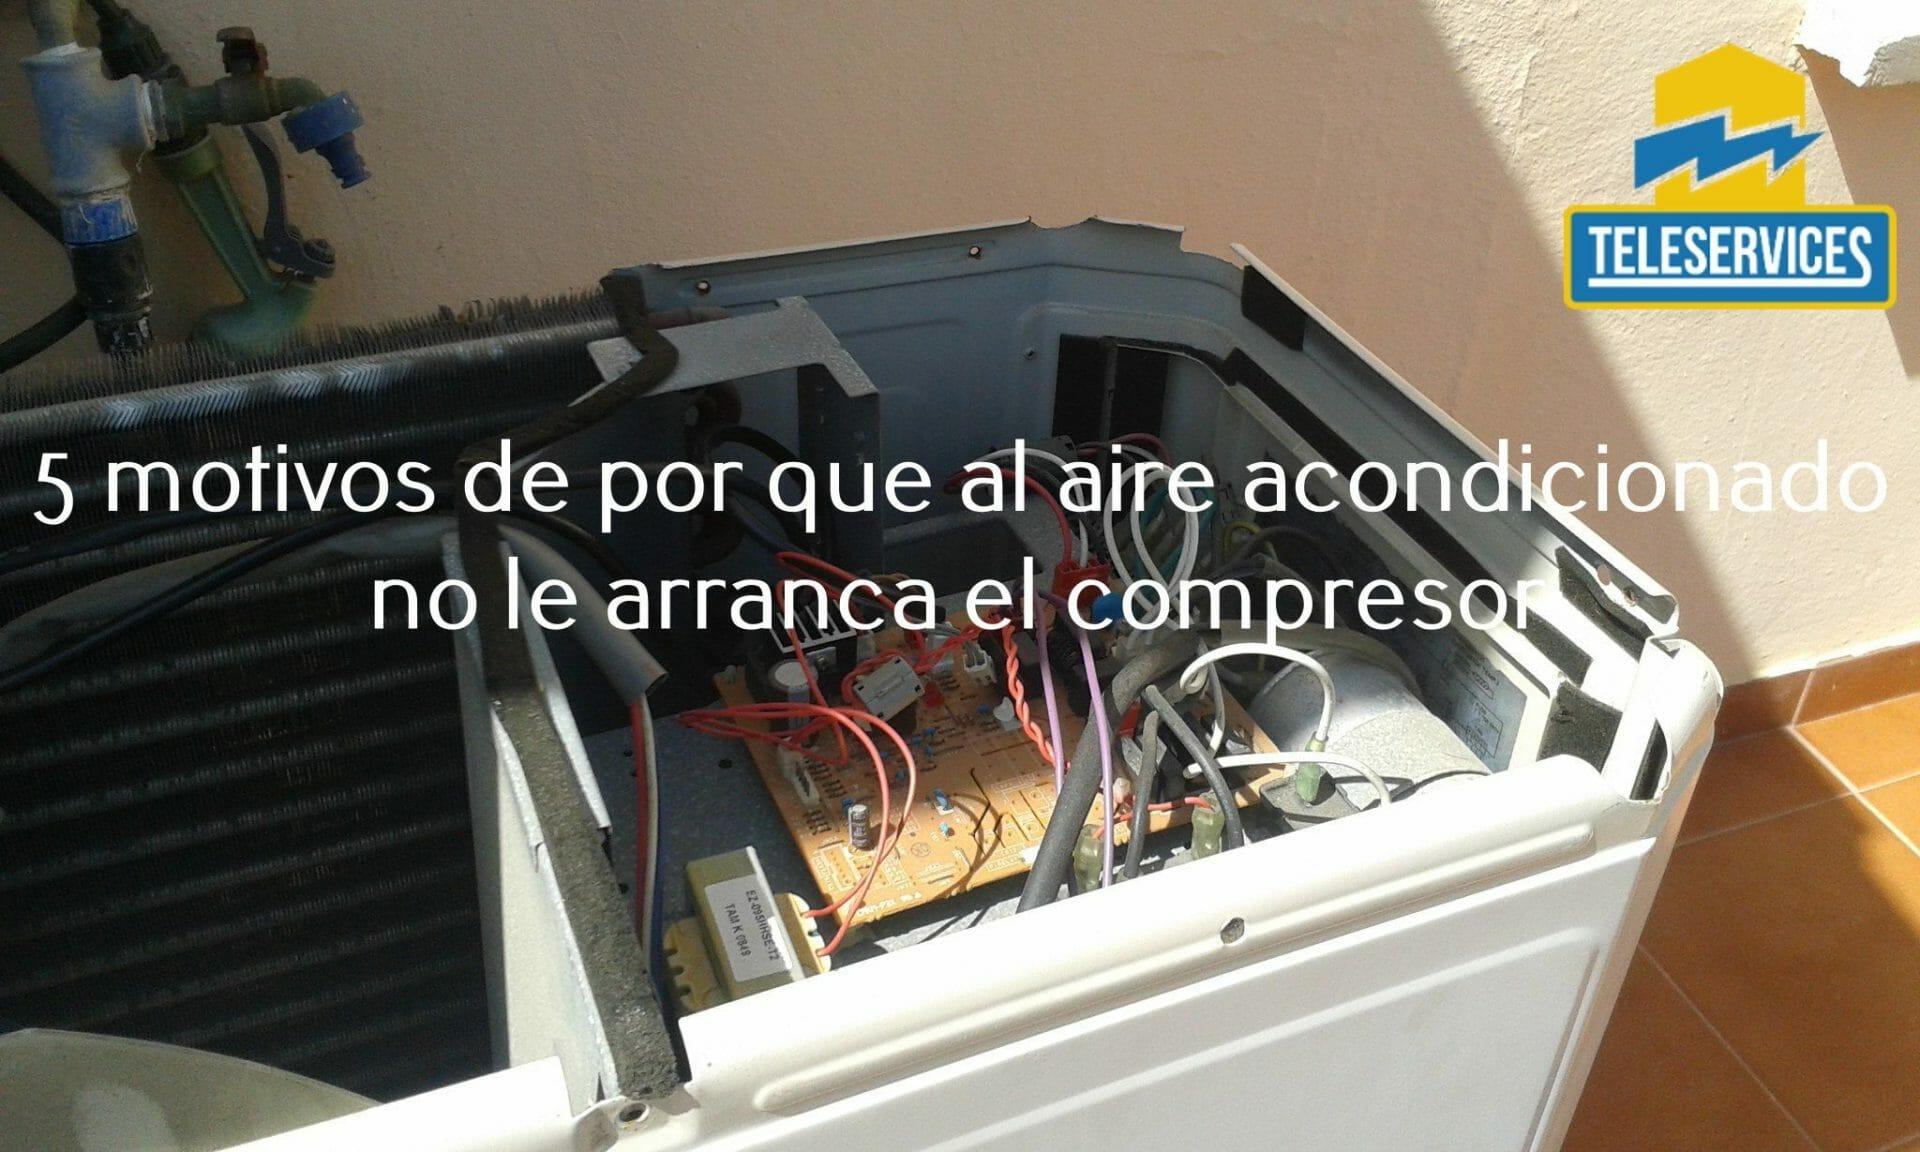 aire acondicionado no arranca el compresor